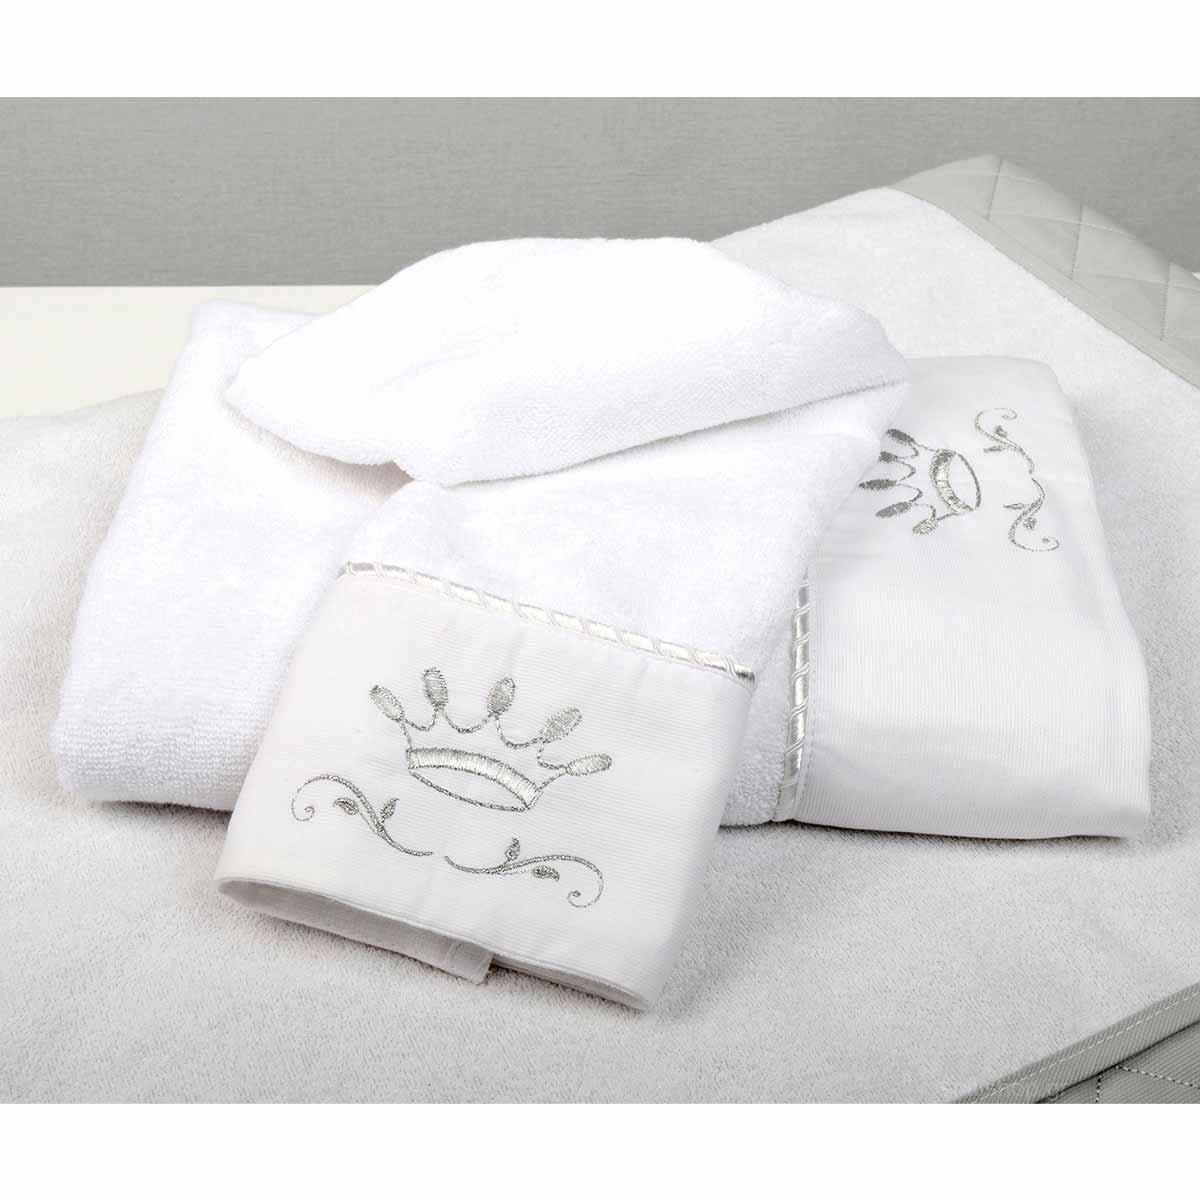 Βρεφικές Πετσέτες (Σετ 2τμχ) Baby Oliver Royal Grey 331